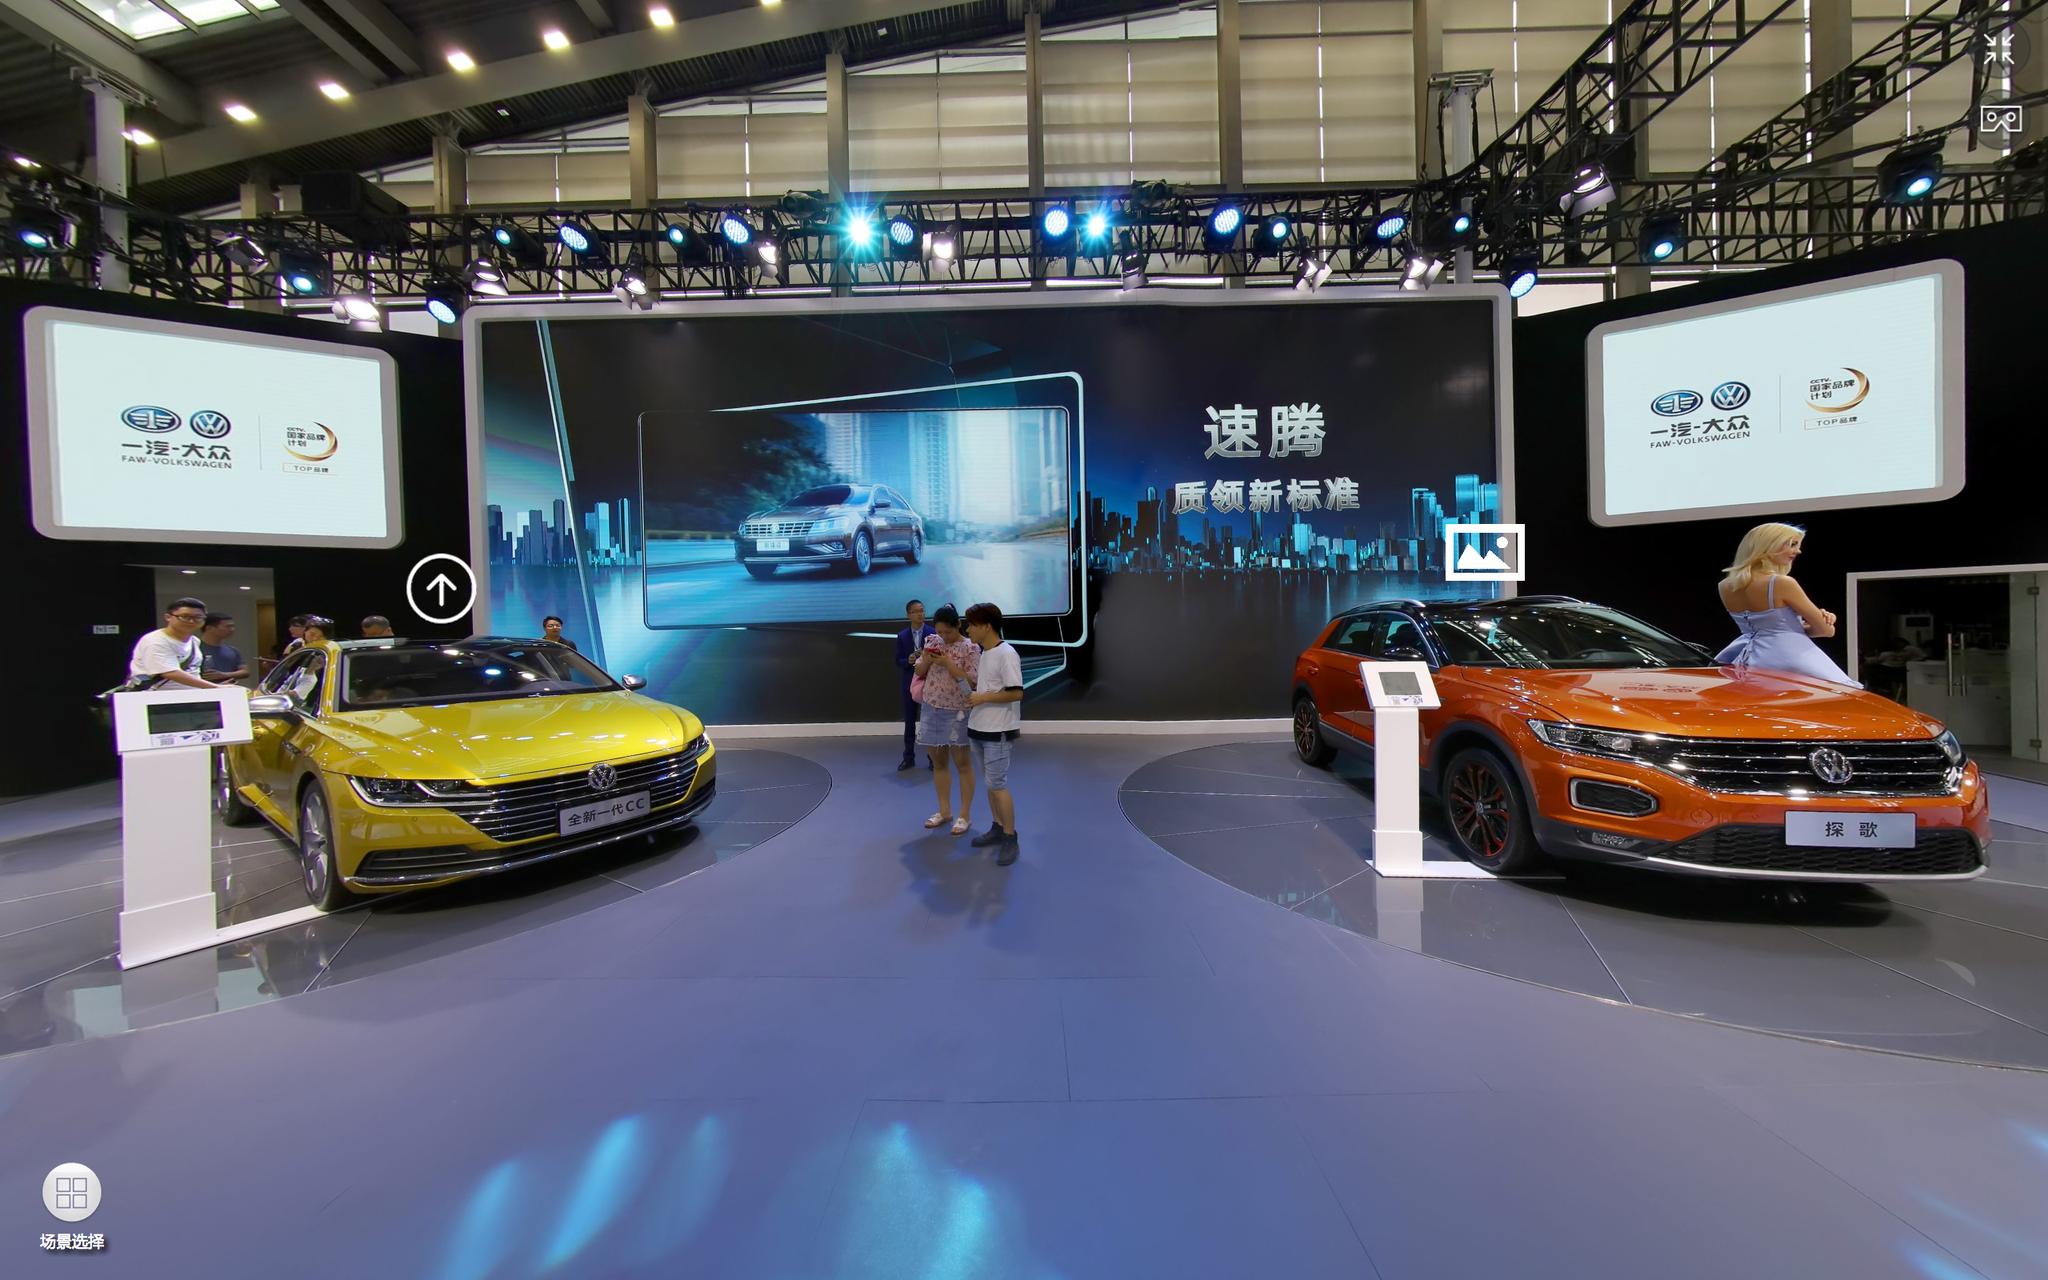 深港澳车展 VR全景视角带你走近一汽-大众展台